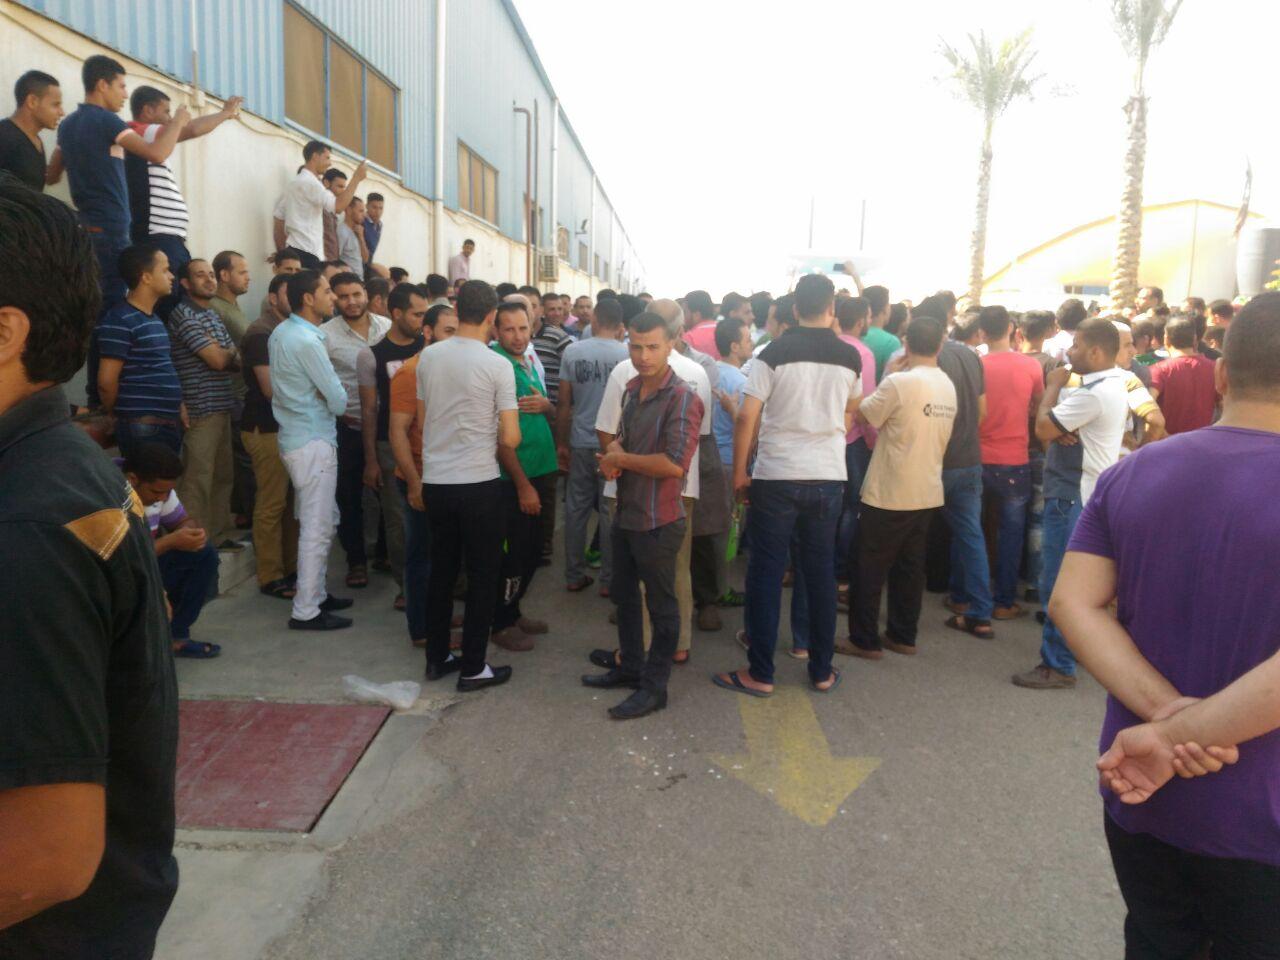 بالصور.. إضراب عمال شركة تركية بالعاشر للمطالبة بحقوقهم المالية والنقابية